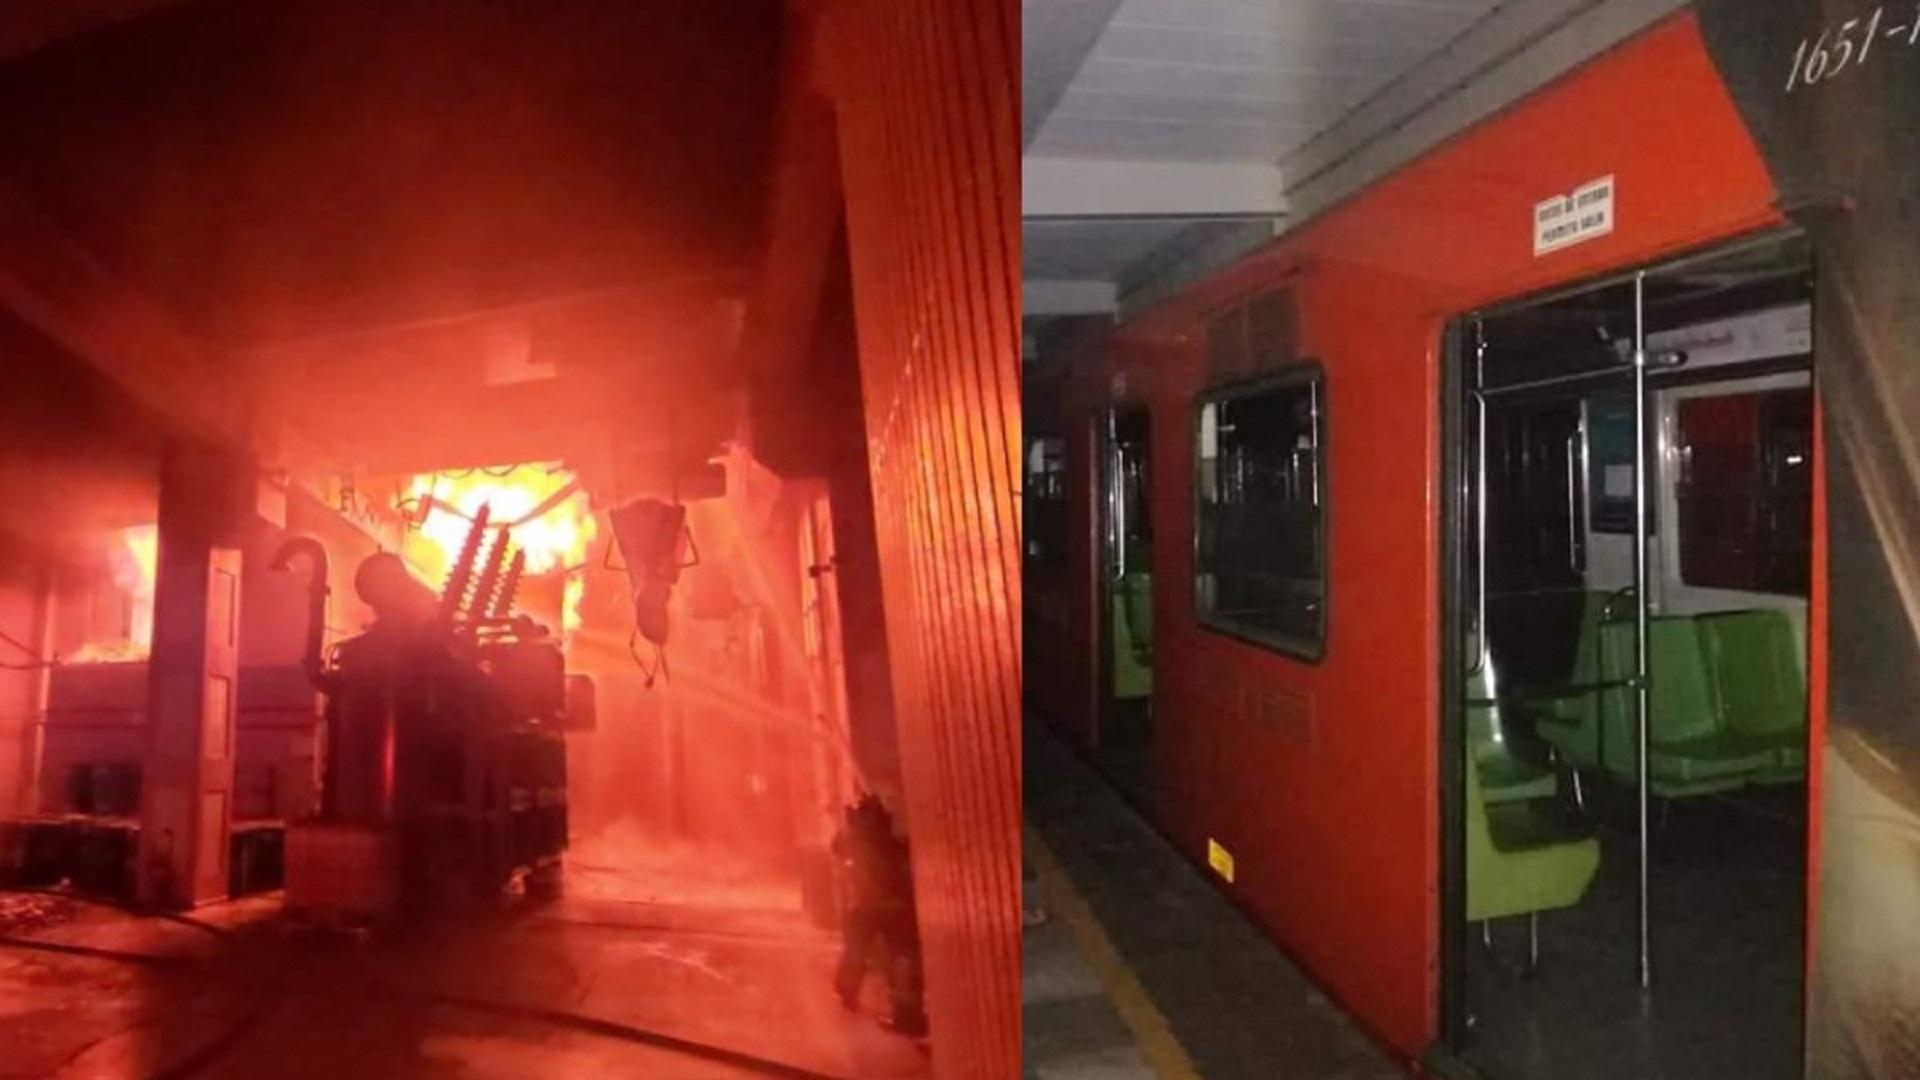 Miles siguen afectados por la Miles siguen afectados por la paralización de varias líneas del metro en Ciudad de México tras un incendio